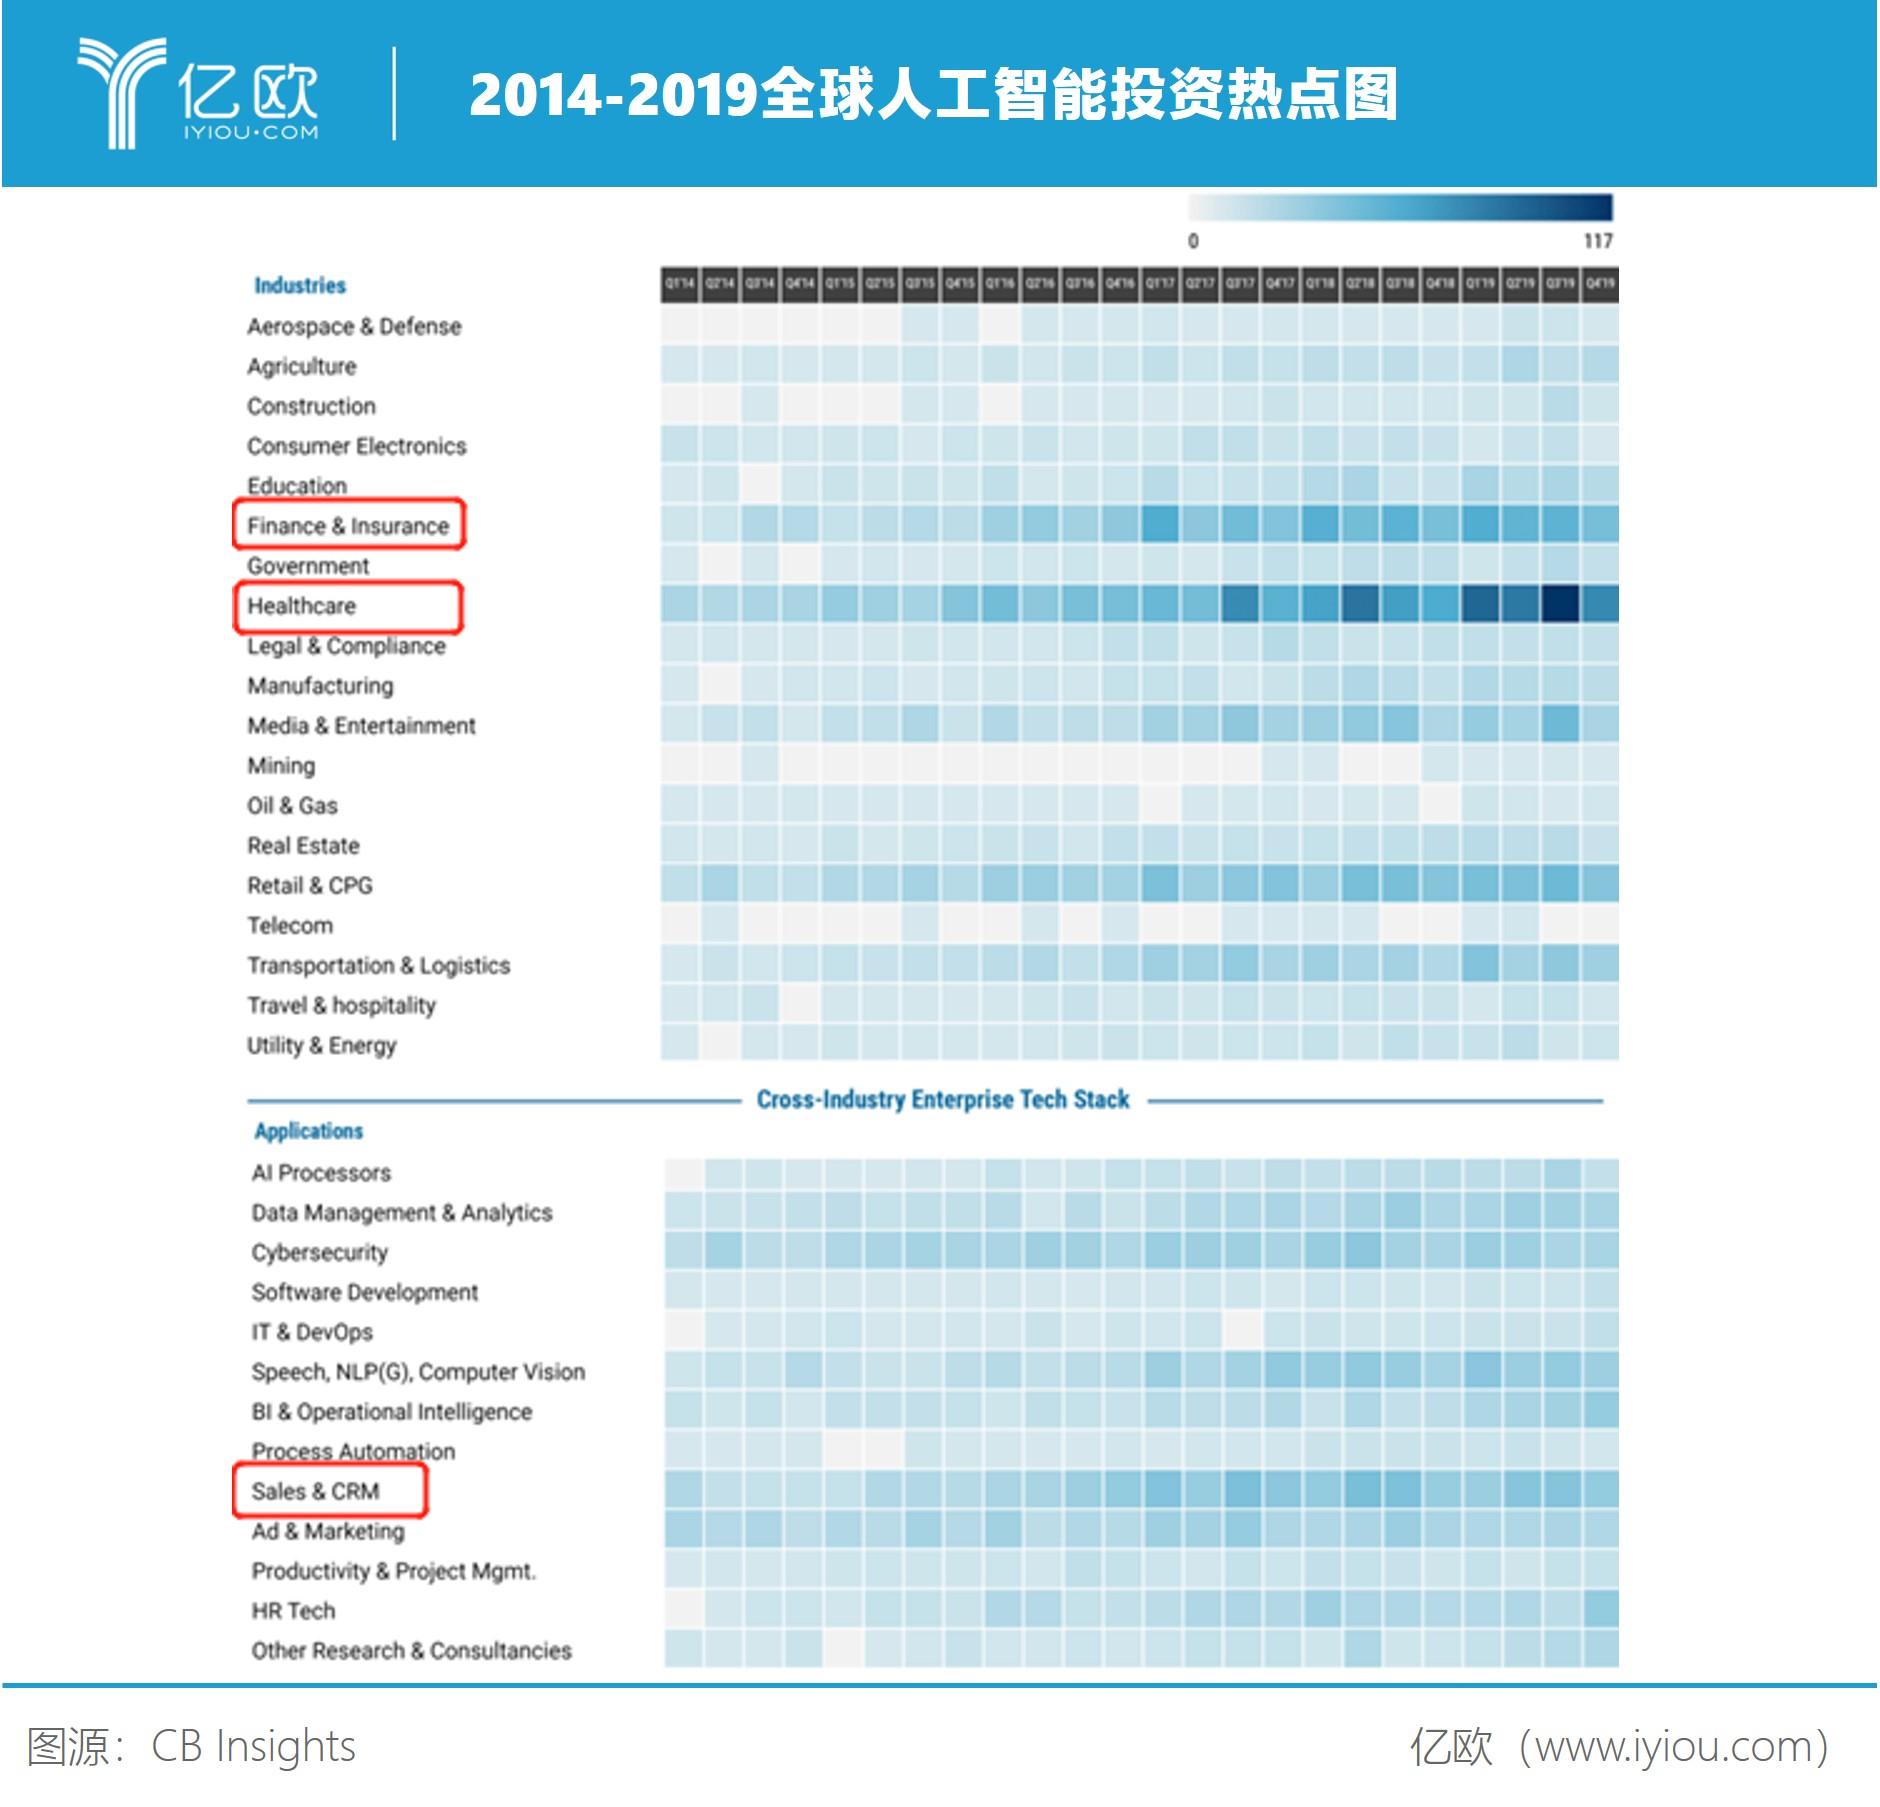 2014-2019全球人工智能投资热点图